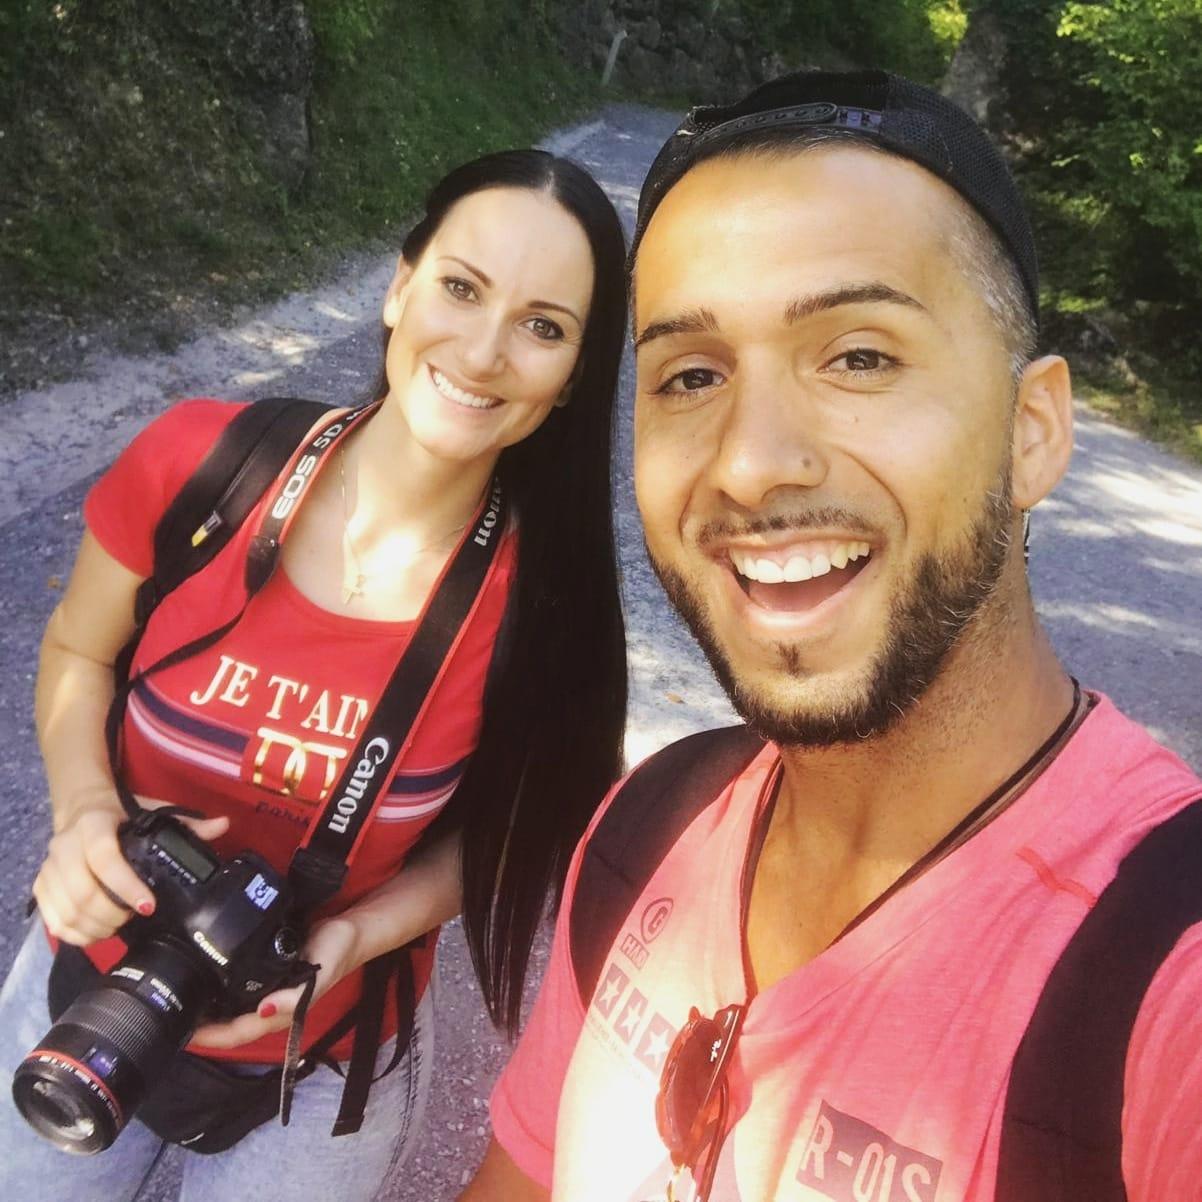 Fotoshooting Schweiz